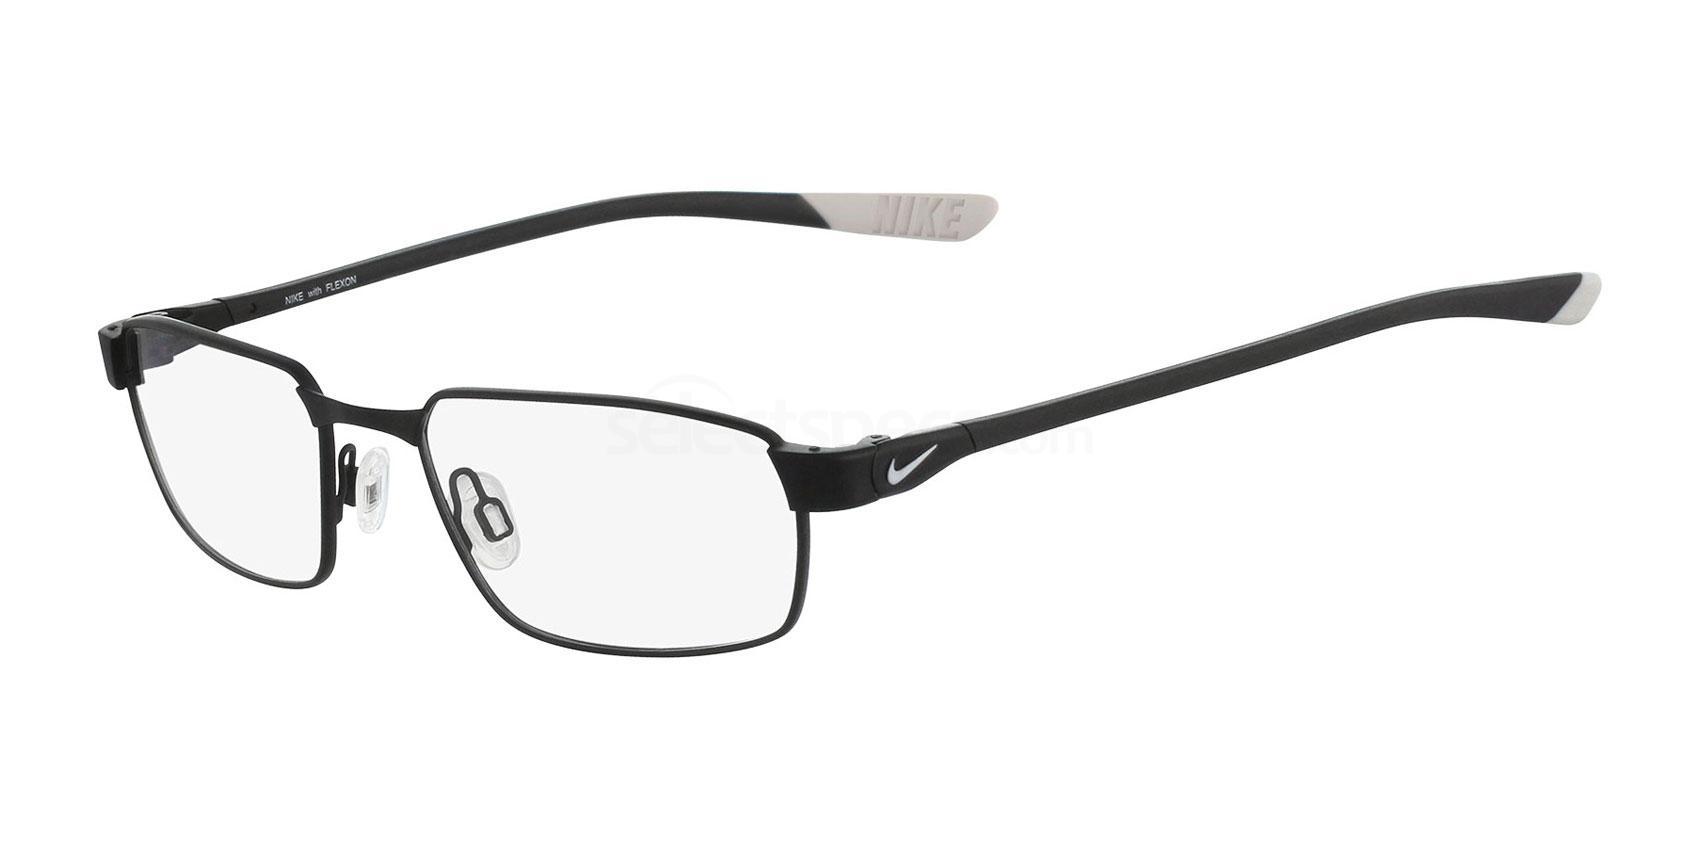 004 NIKE 4274 Glasses, Nike